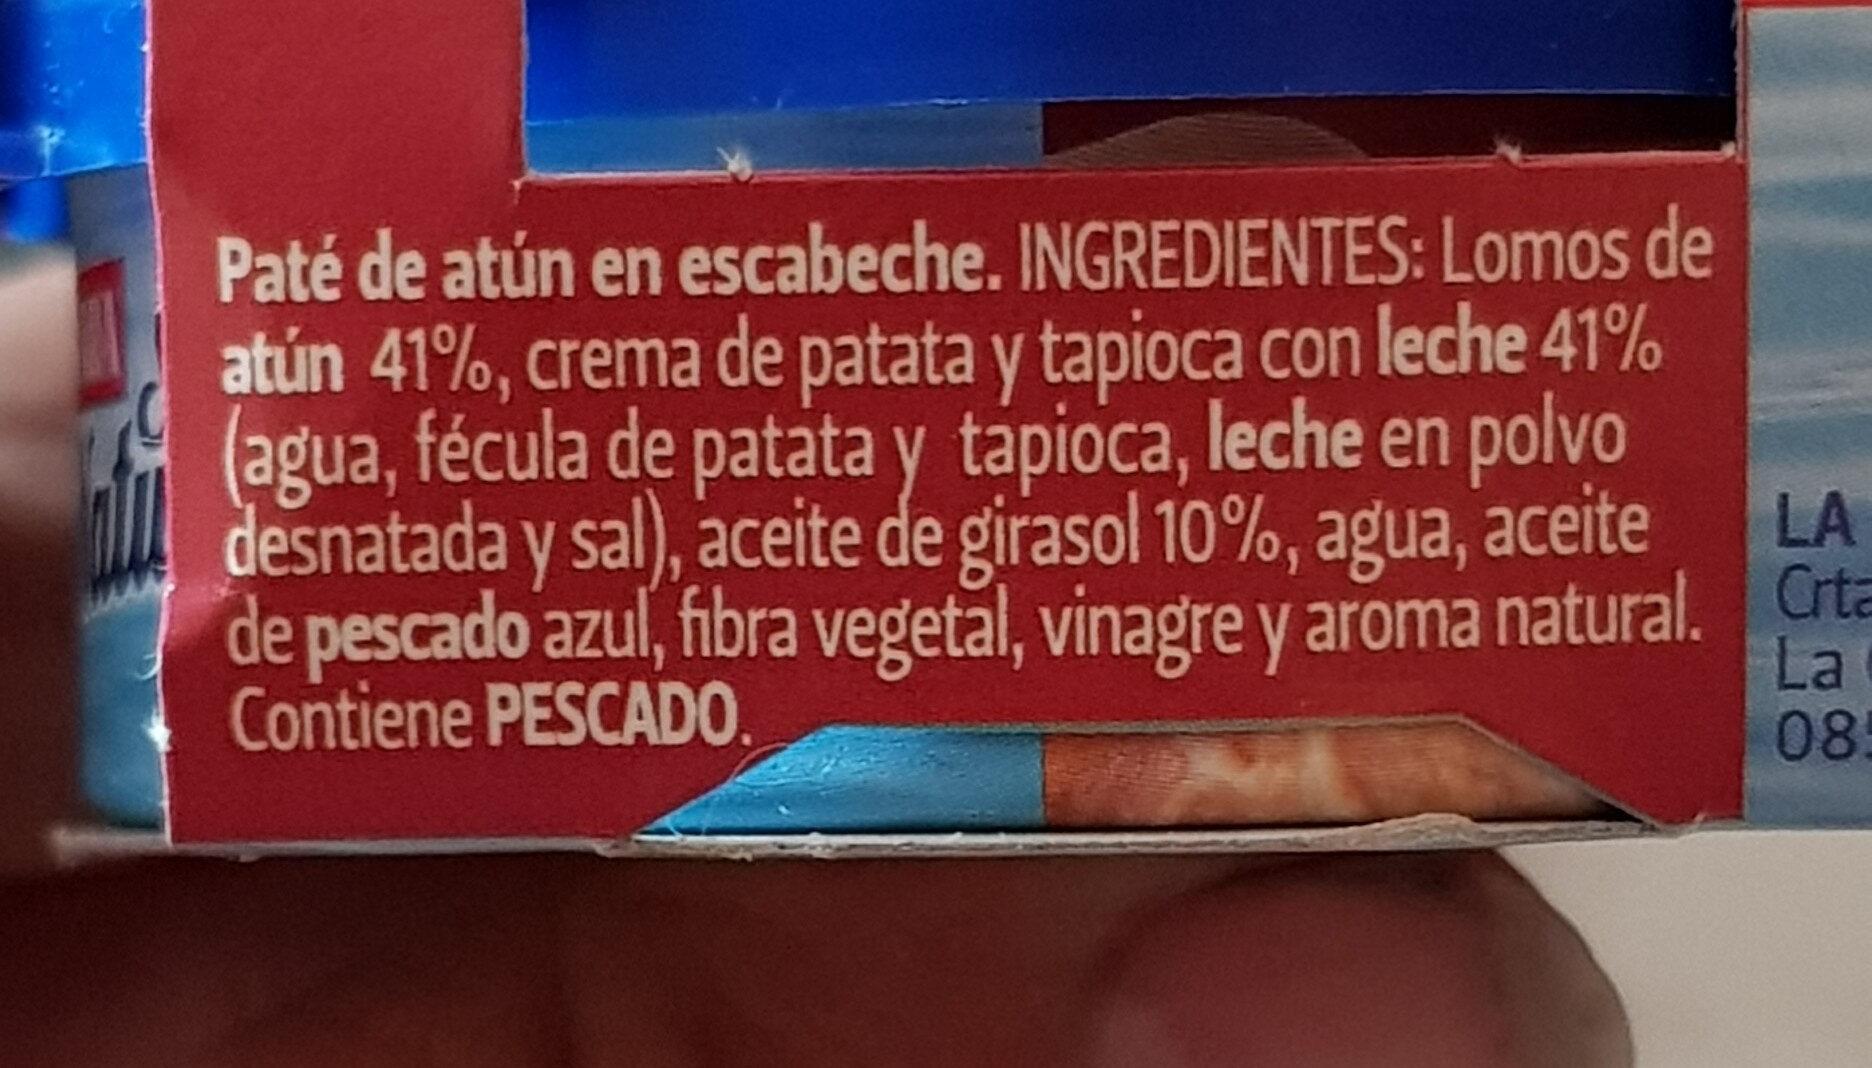 Pate atun en escabeche - Ingredientes - es